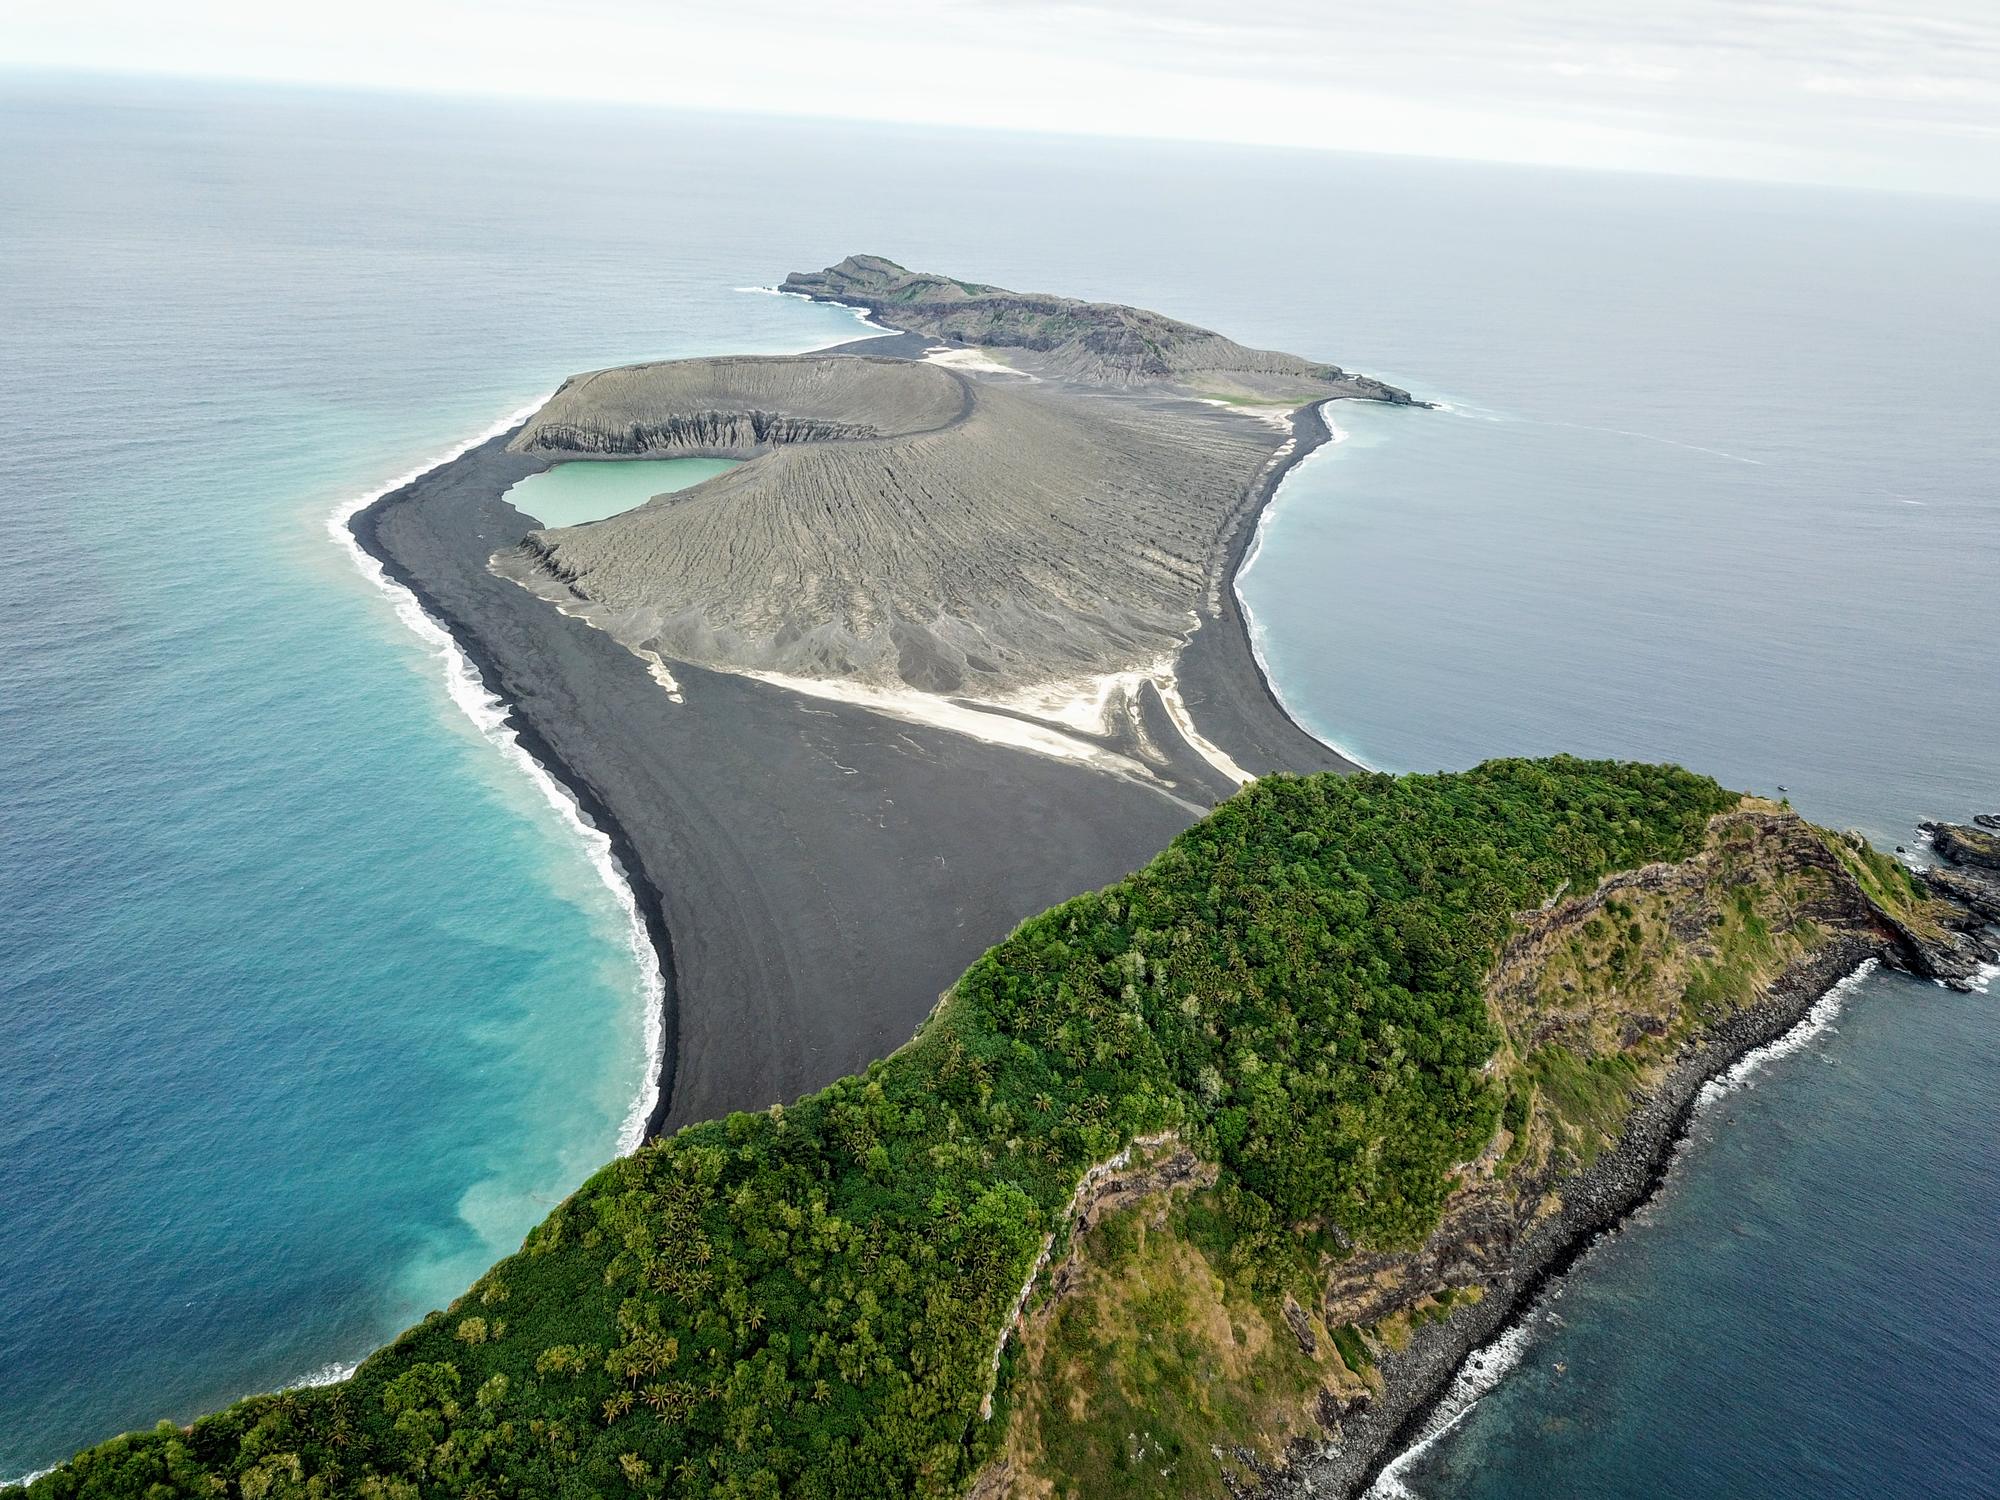 Hunga Tonga-Hunga Ha'apai